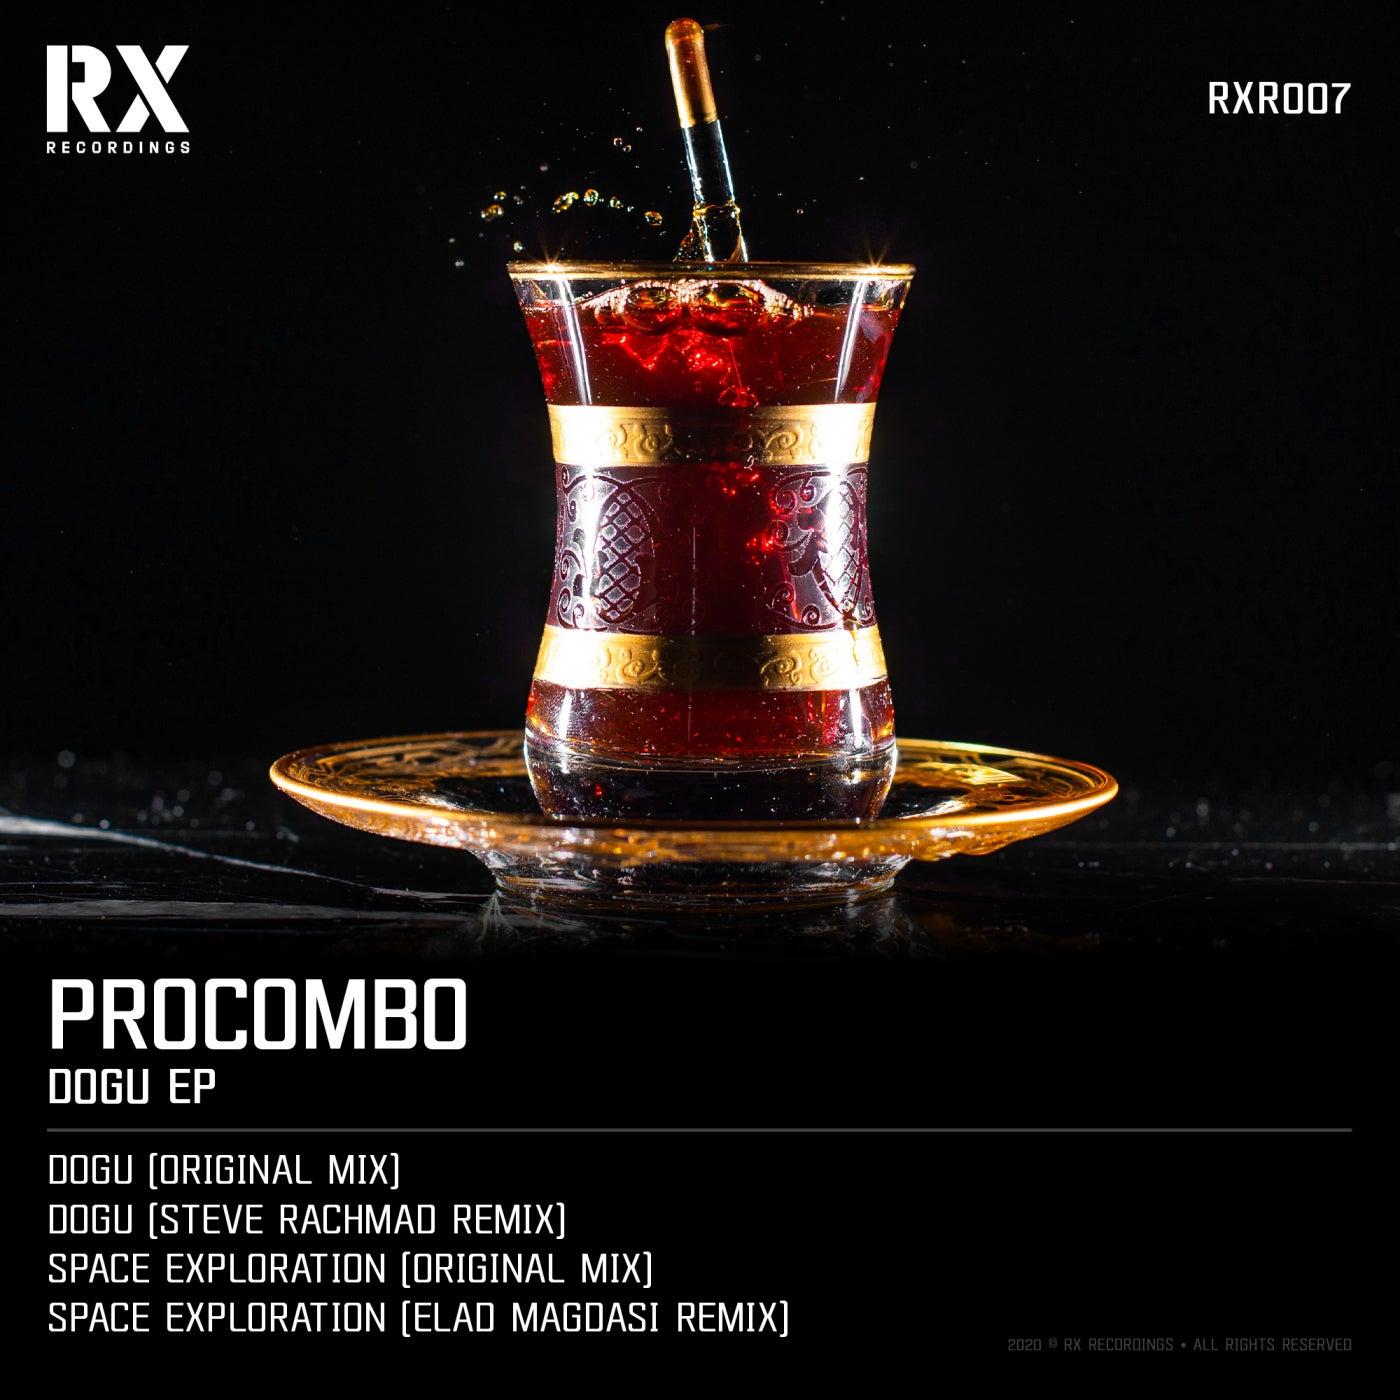 Dogu (Original Mix)